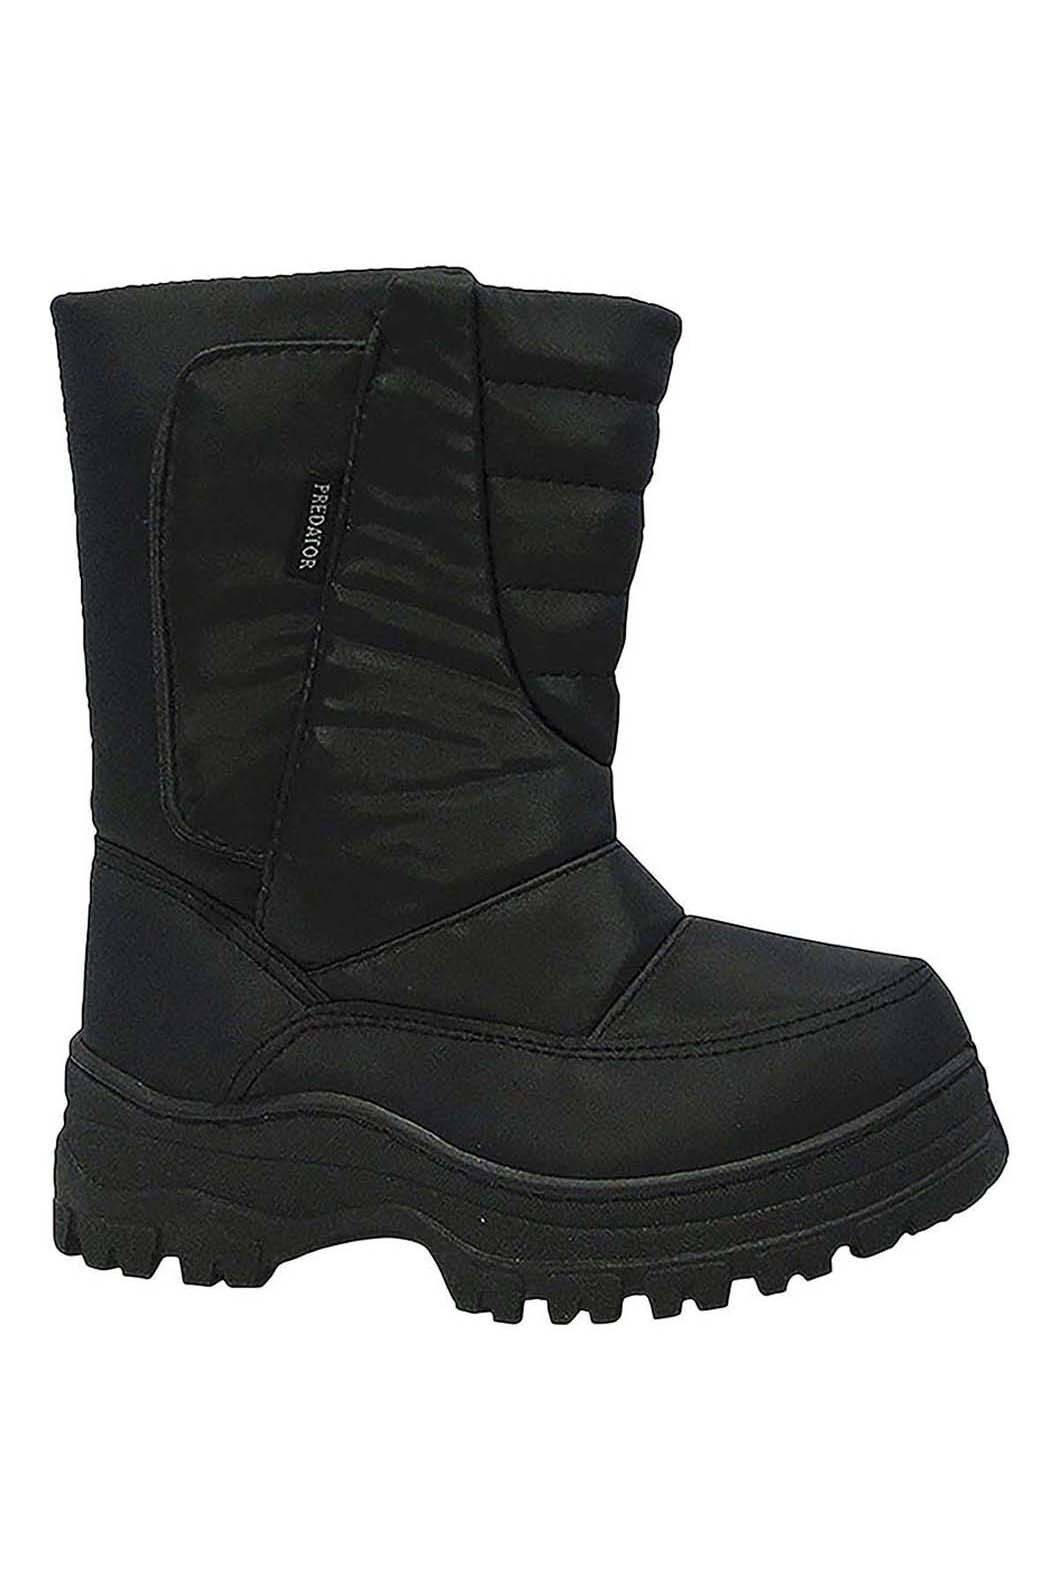 XTM Women's Pator Snow Boots6, Black, hi-res